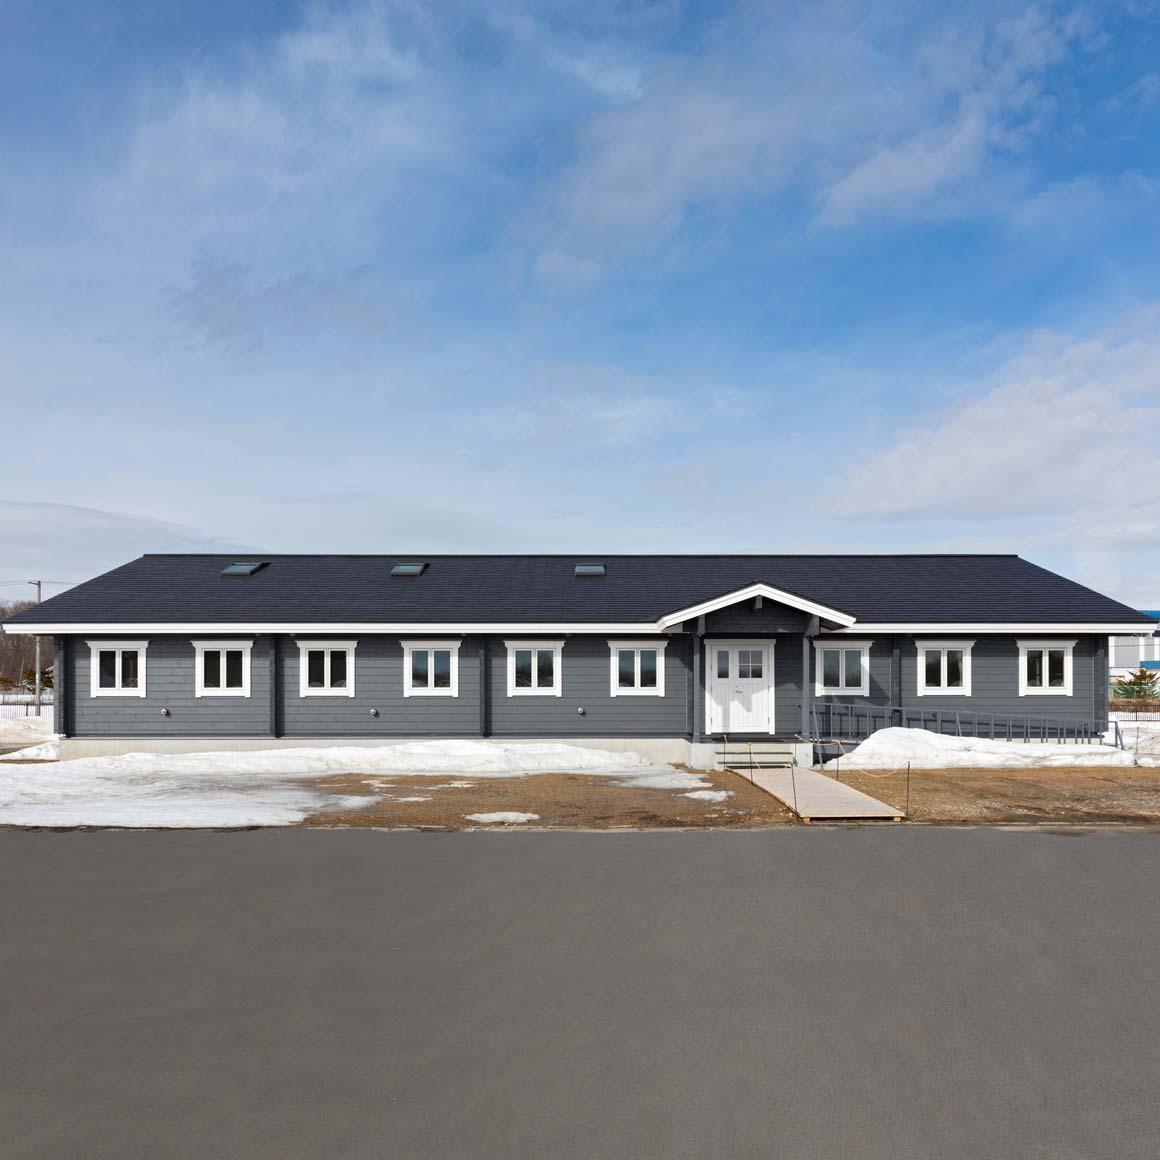 セルフビルドで建てた大きなログハウスの校舎